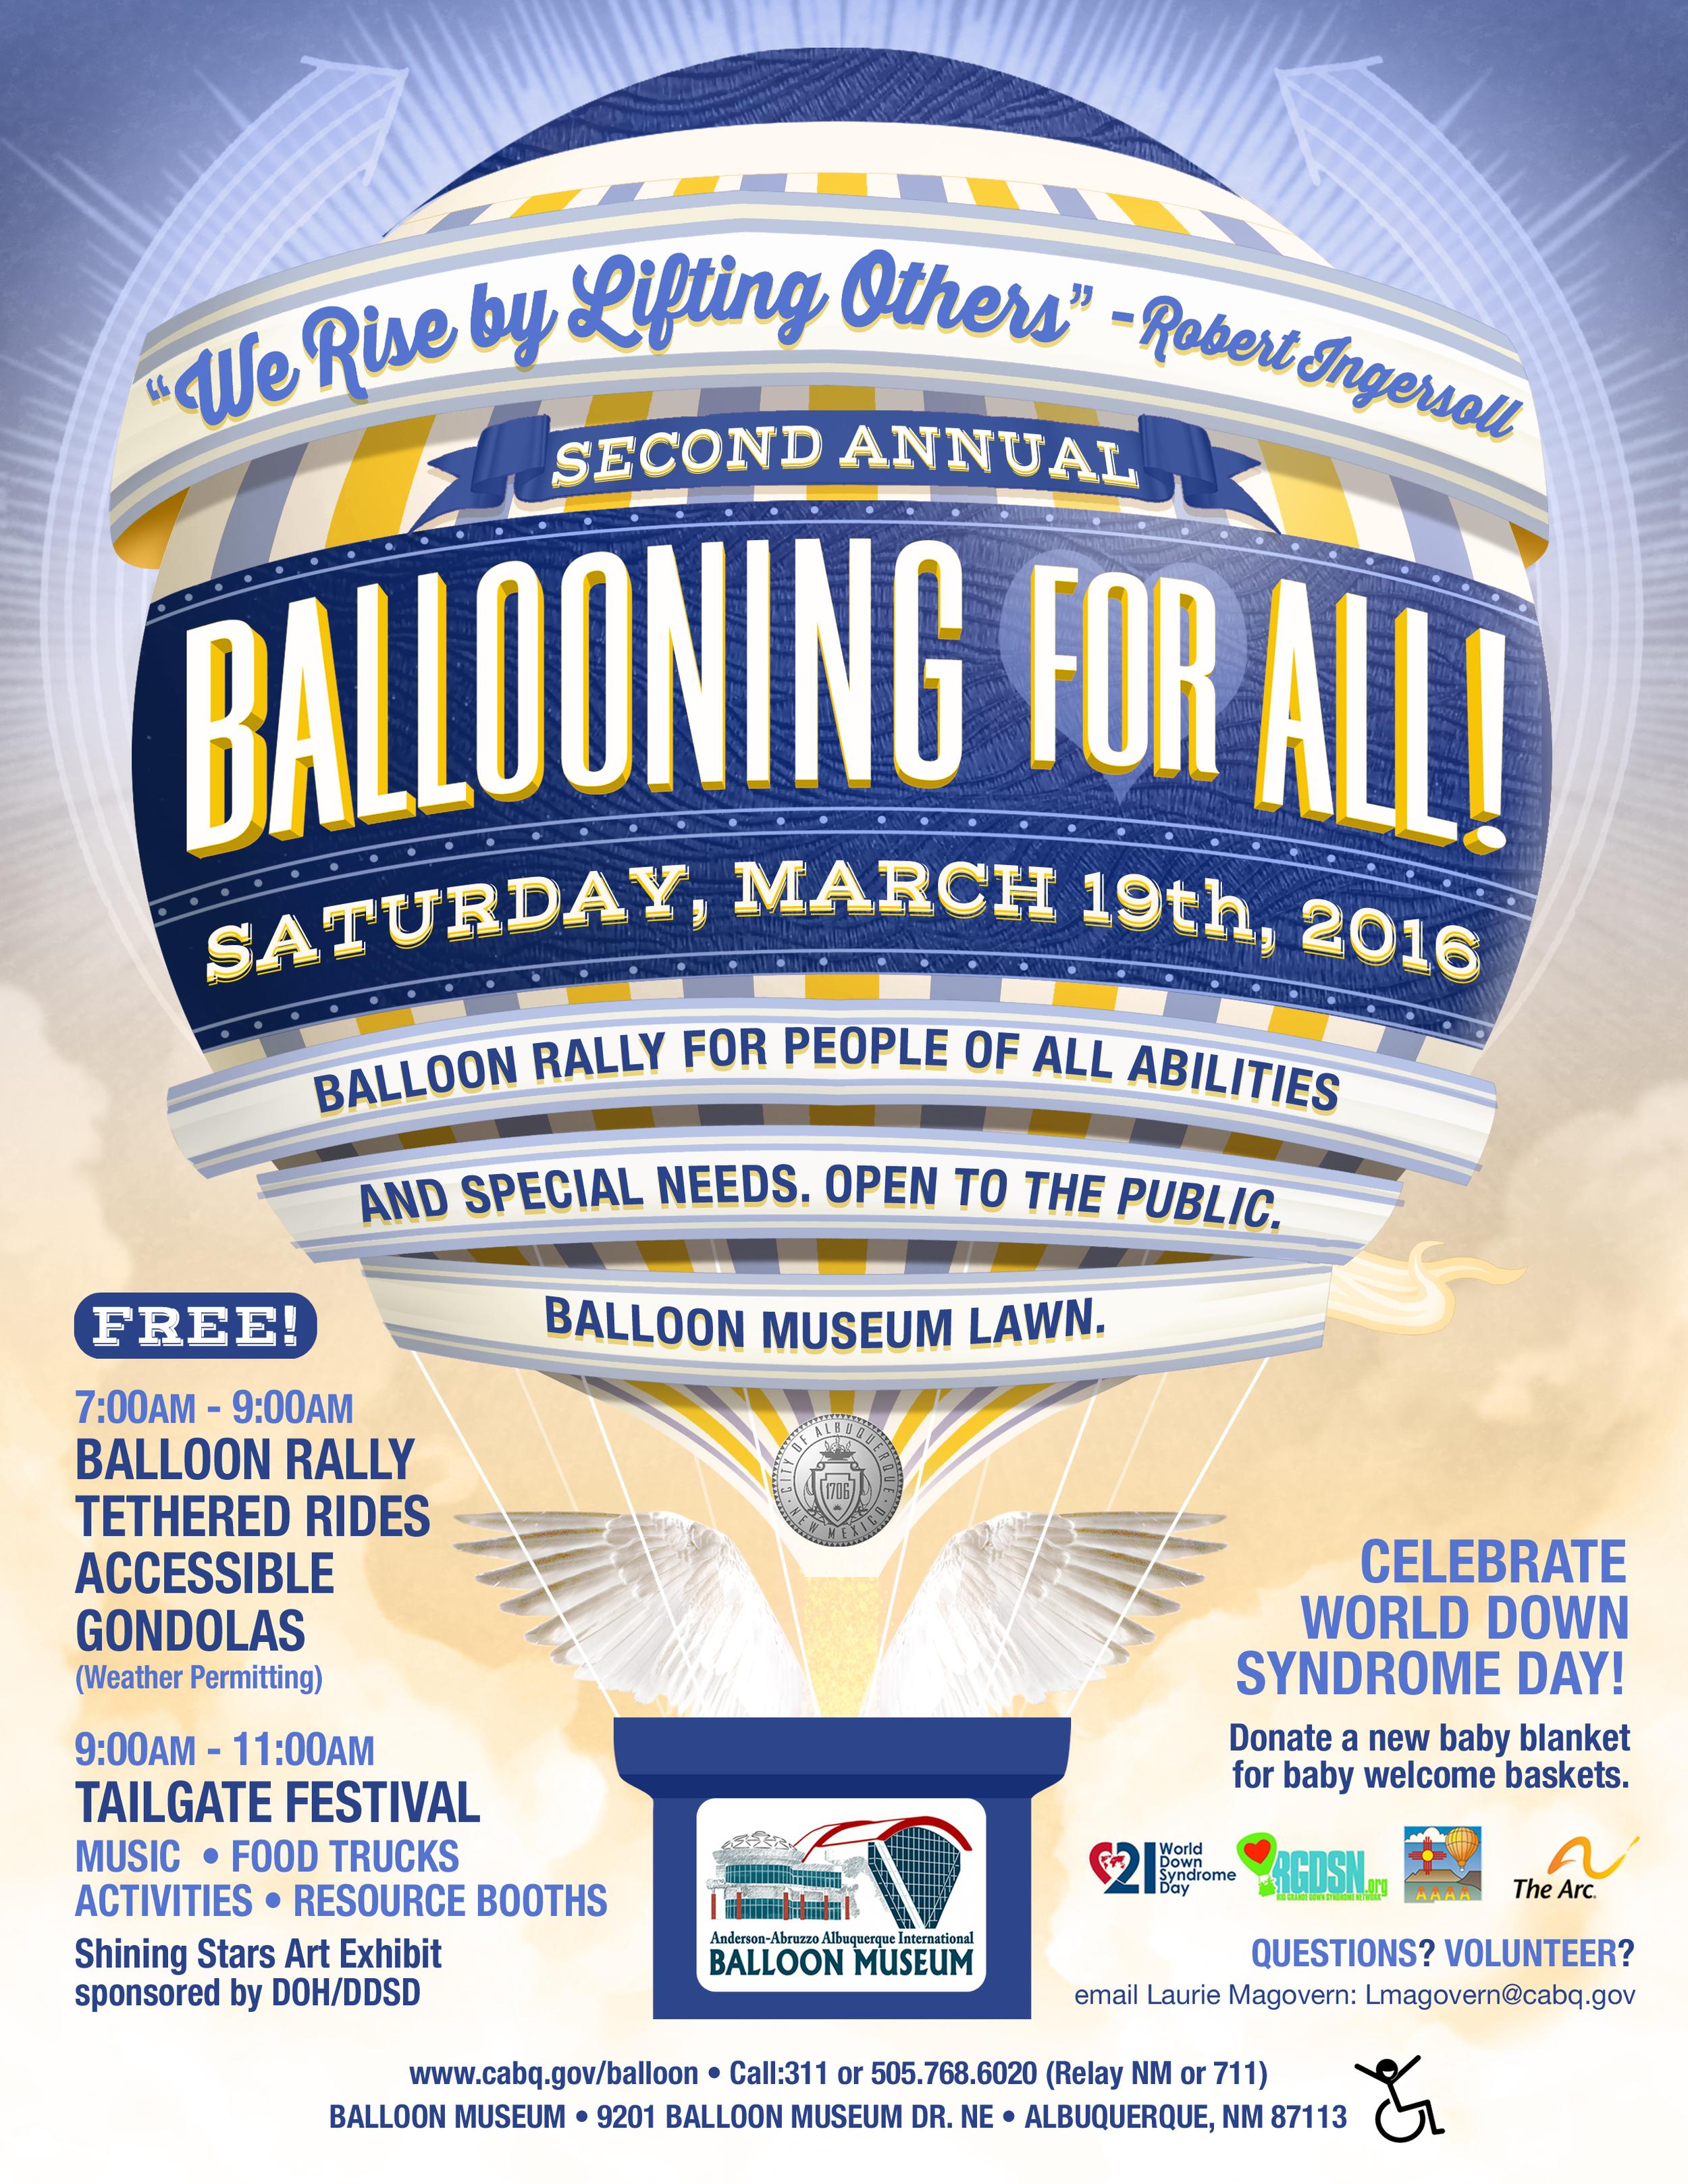 Ballooning For All! flier